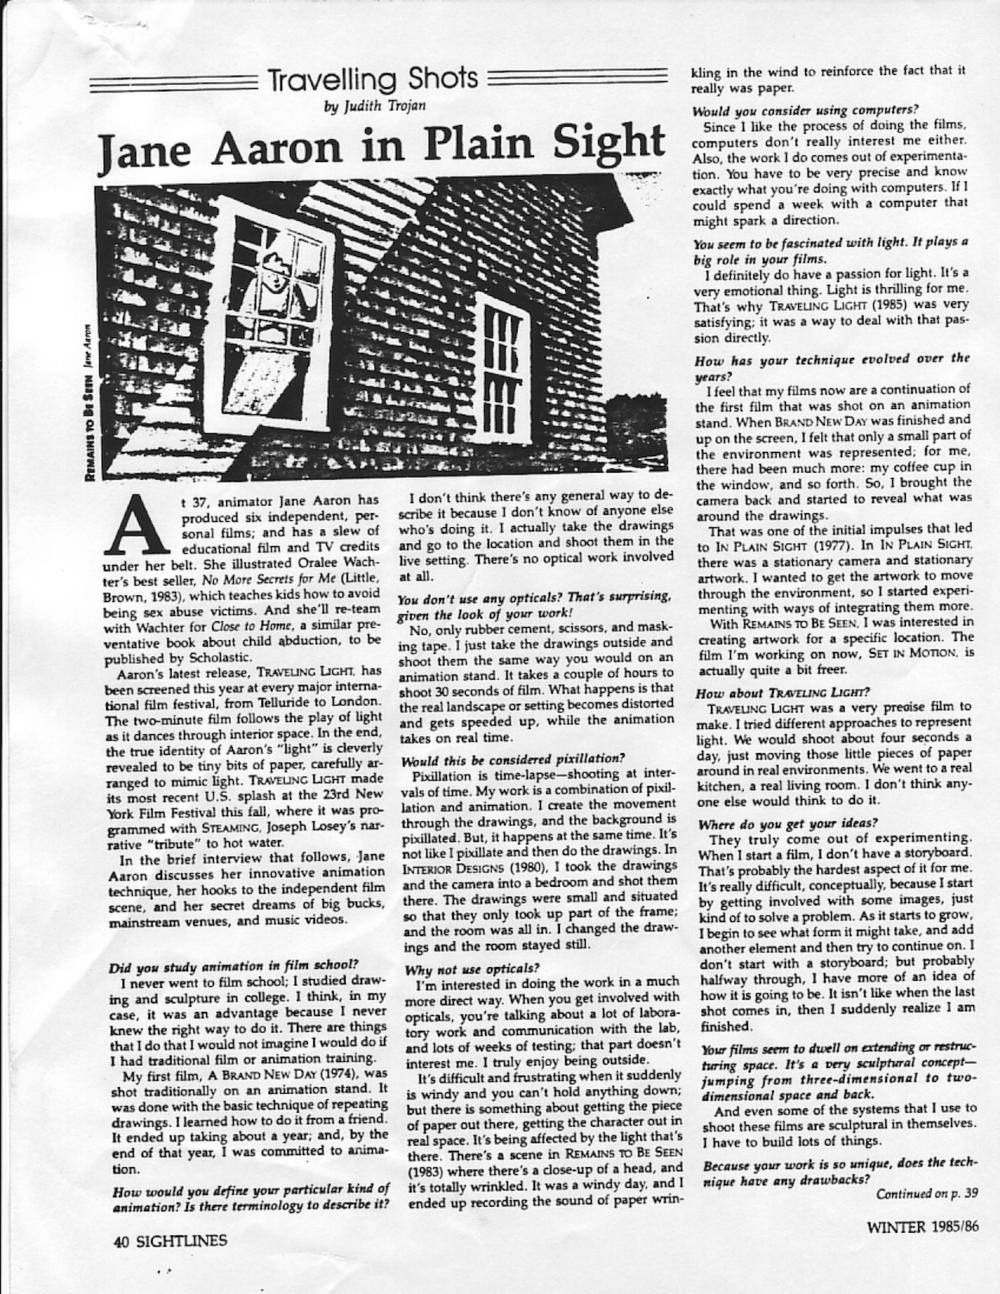 Judith Trojan, Sightlines, Winter 1985/86